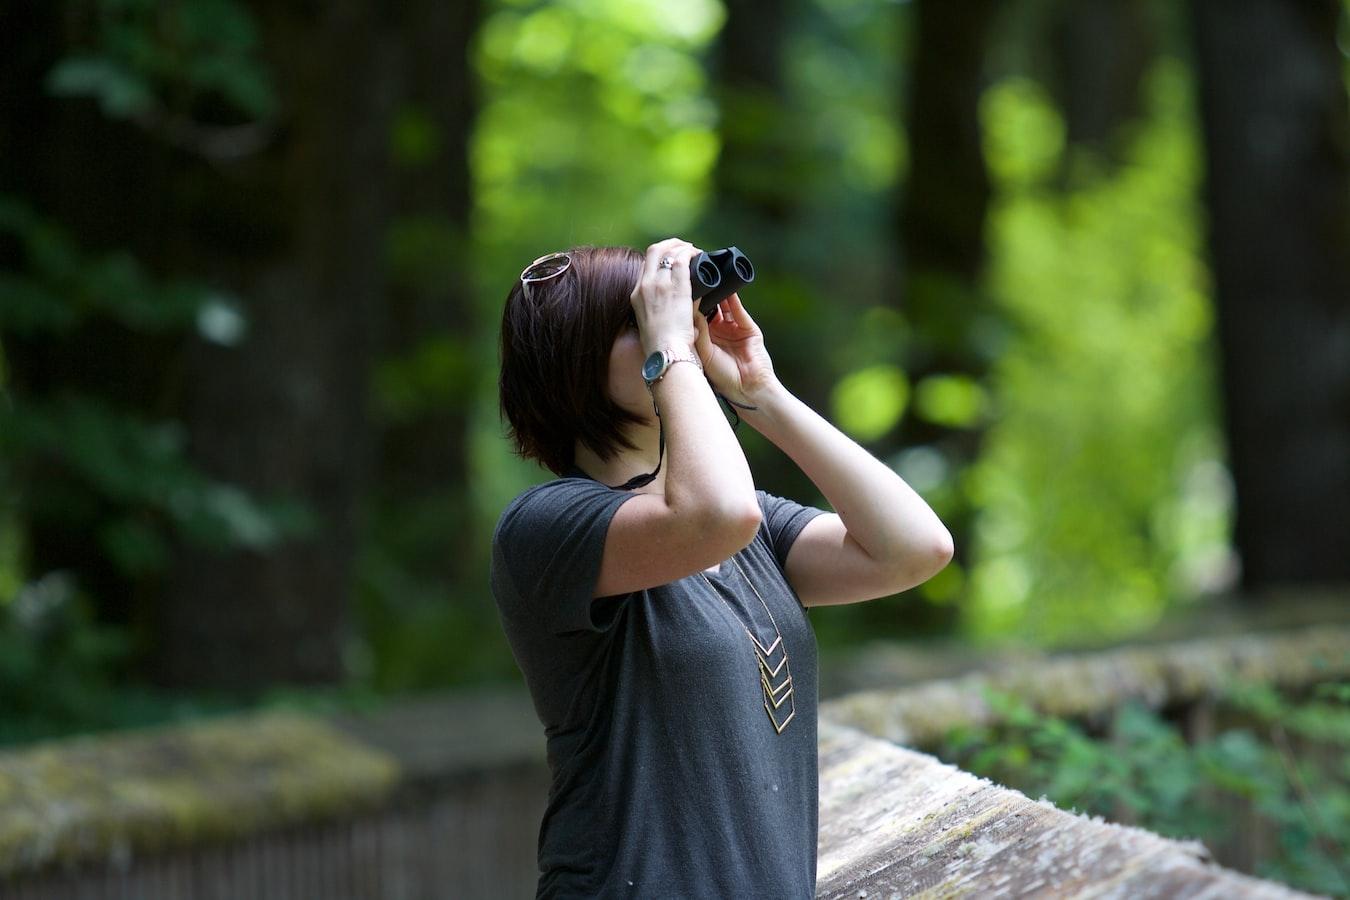 bird-watching-equipment